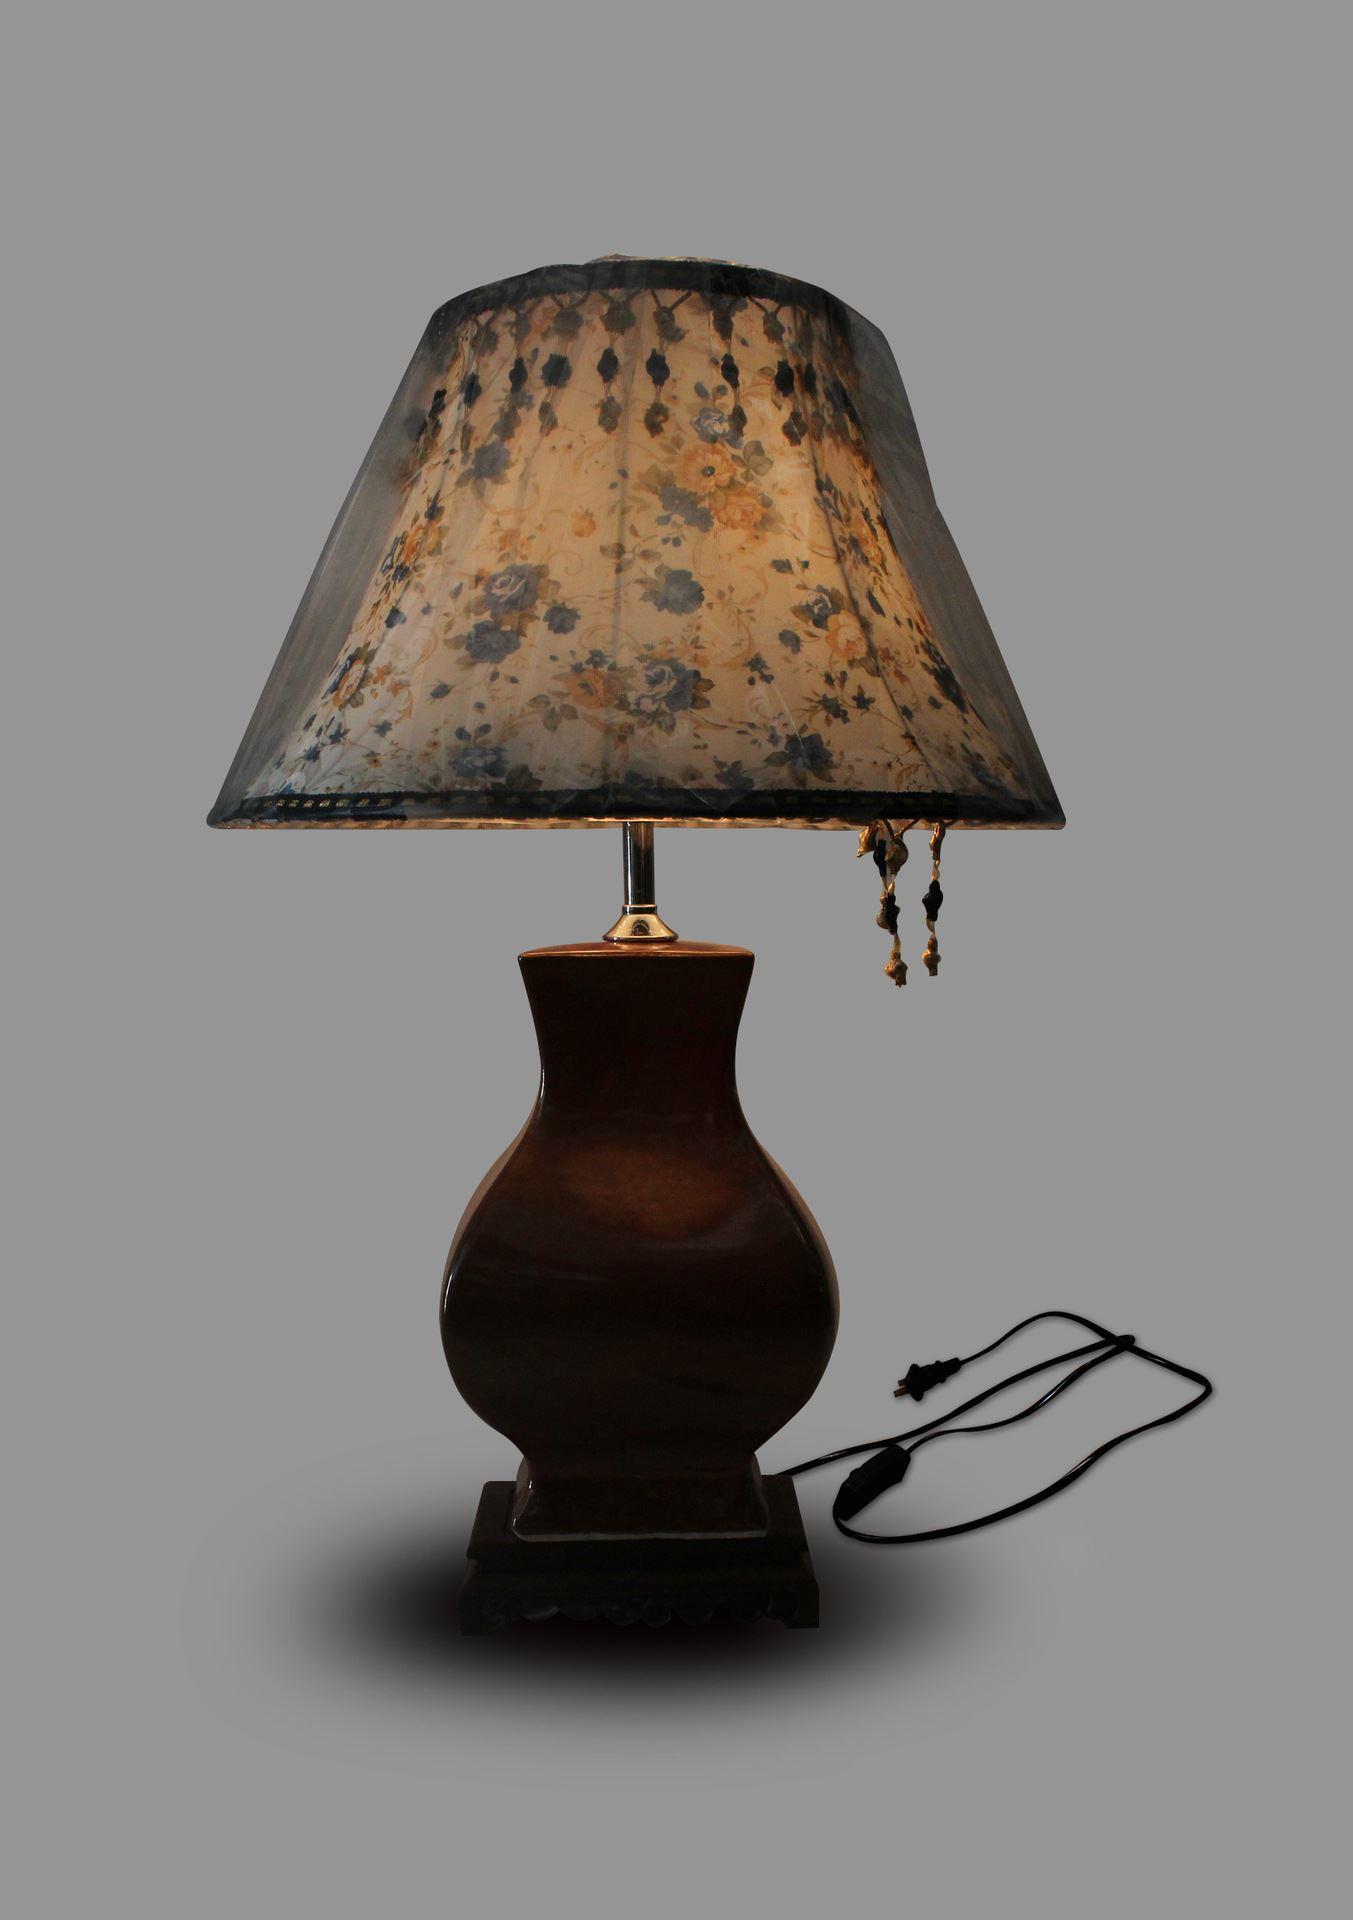 DSNQ01景德镇 陶瓷 仿古铁锈红 台灯 灯具 灯饰 家居摆设